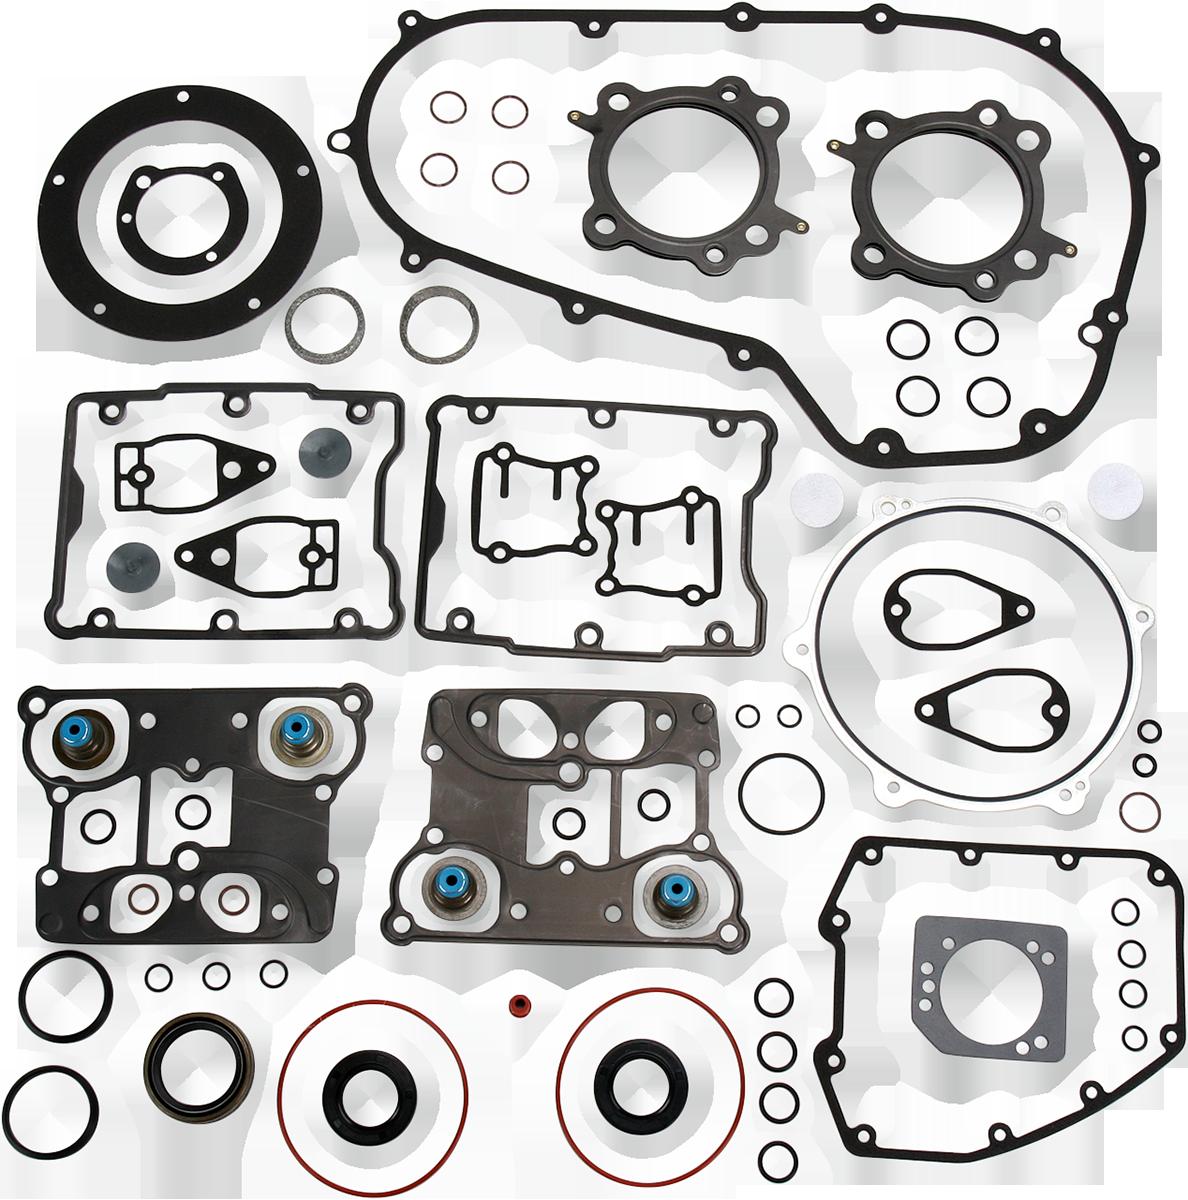 Cometic Complete EST Engine Gasket Kit for 07-13 Harley Touring FLHR FLHX FLTR